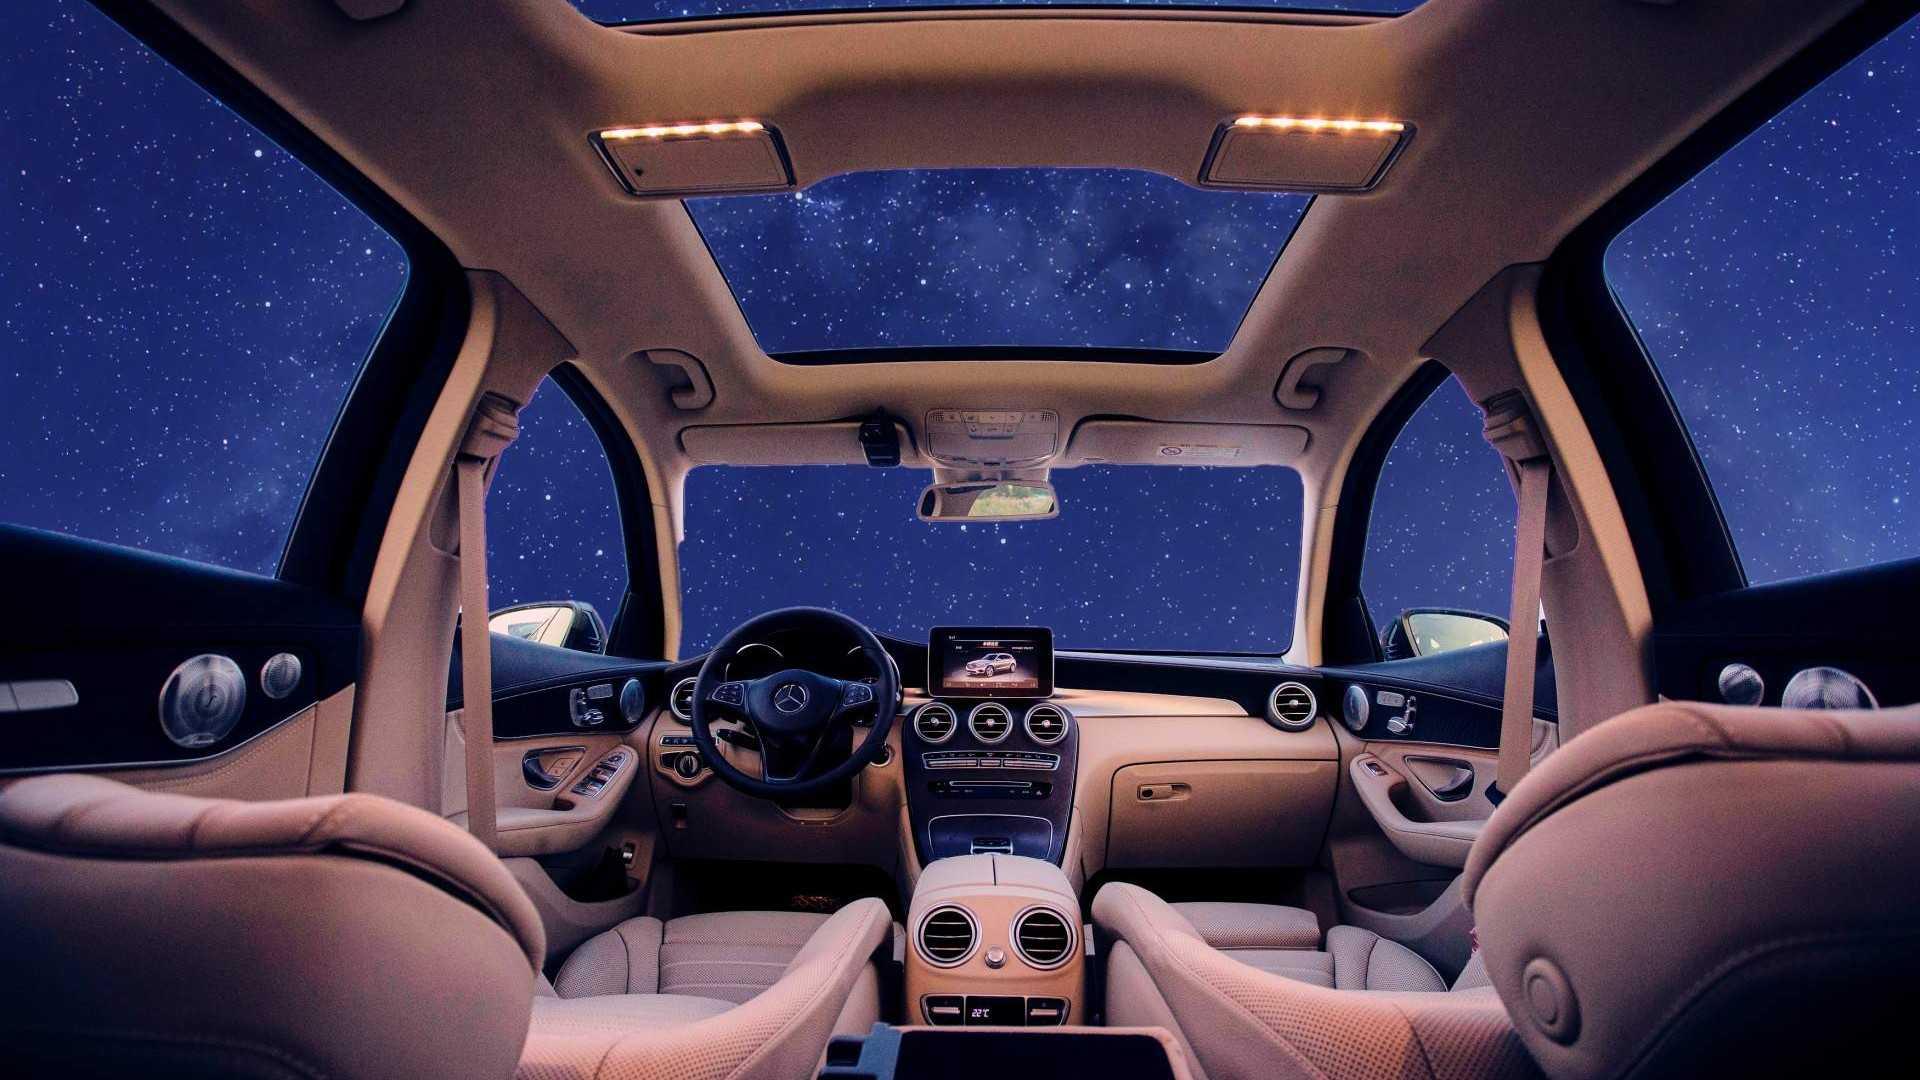 Khám phá Mercedes-Benz GLC L – Chiếc SUV dành riêng cho người Trung Quốc - ảnh 5